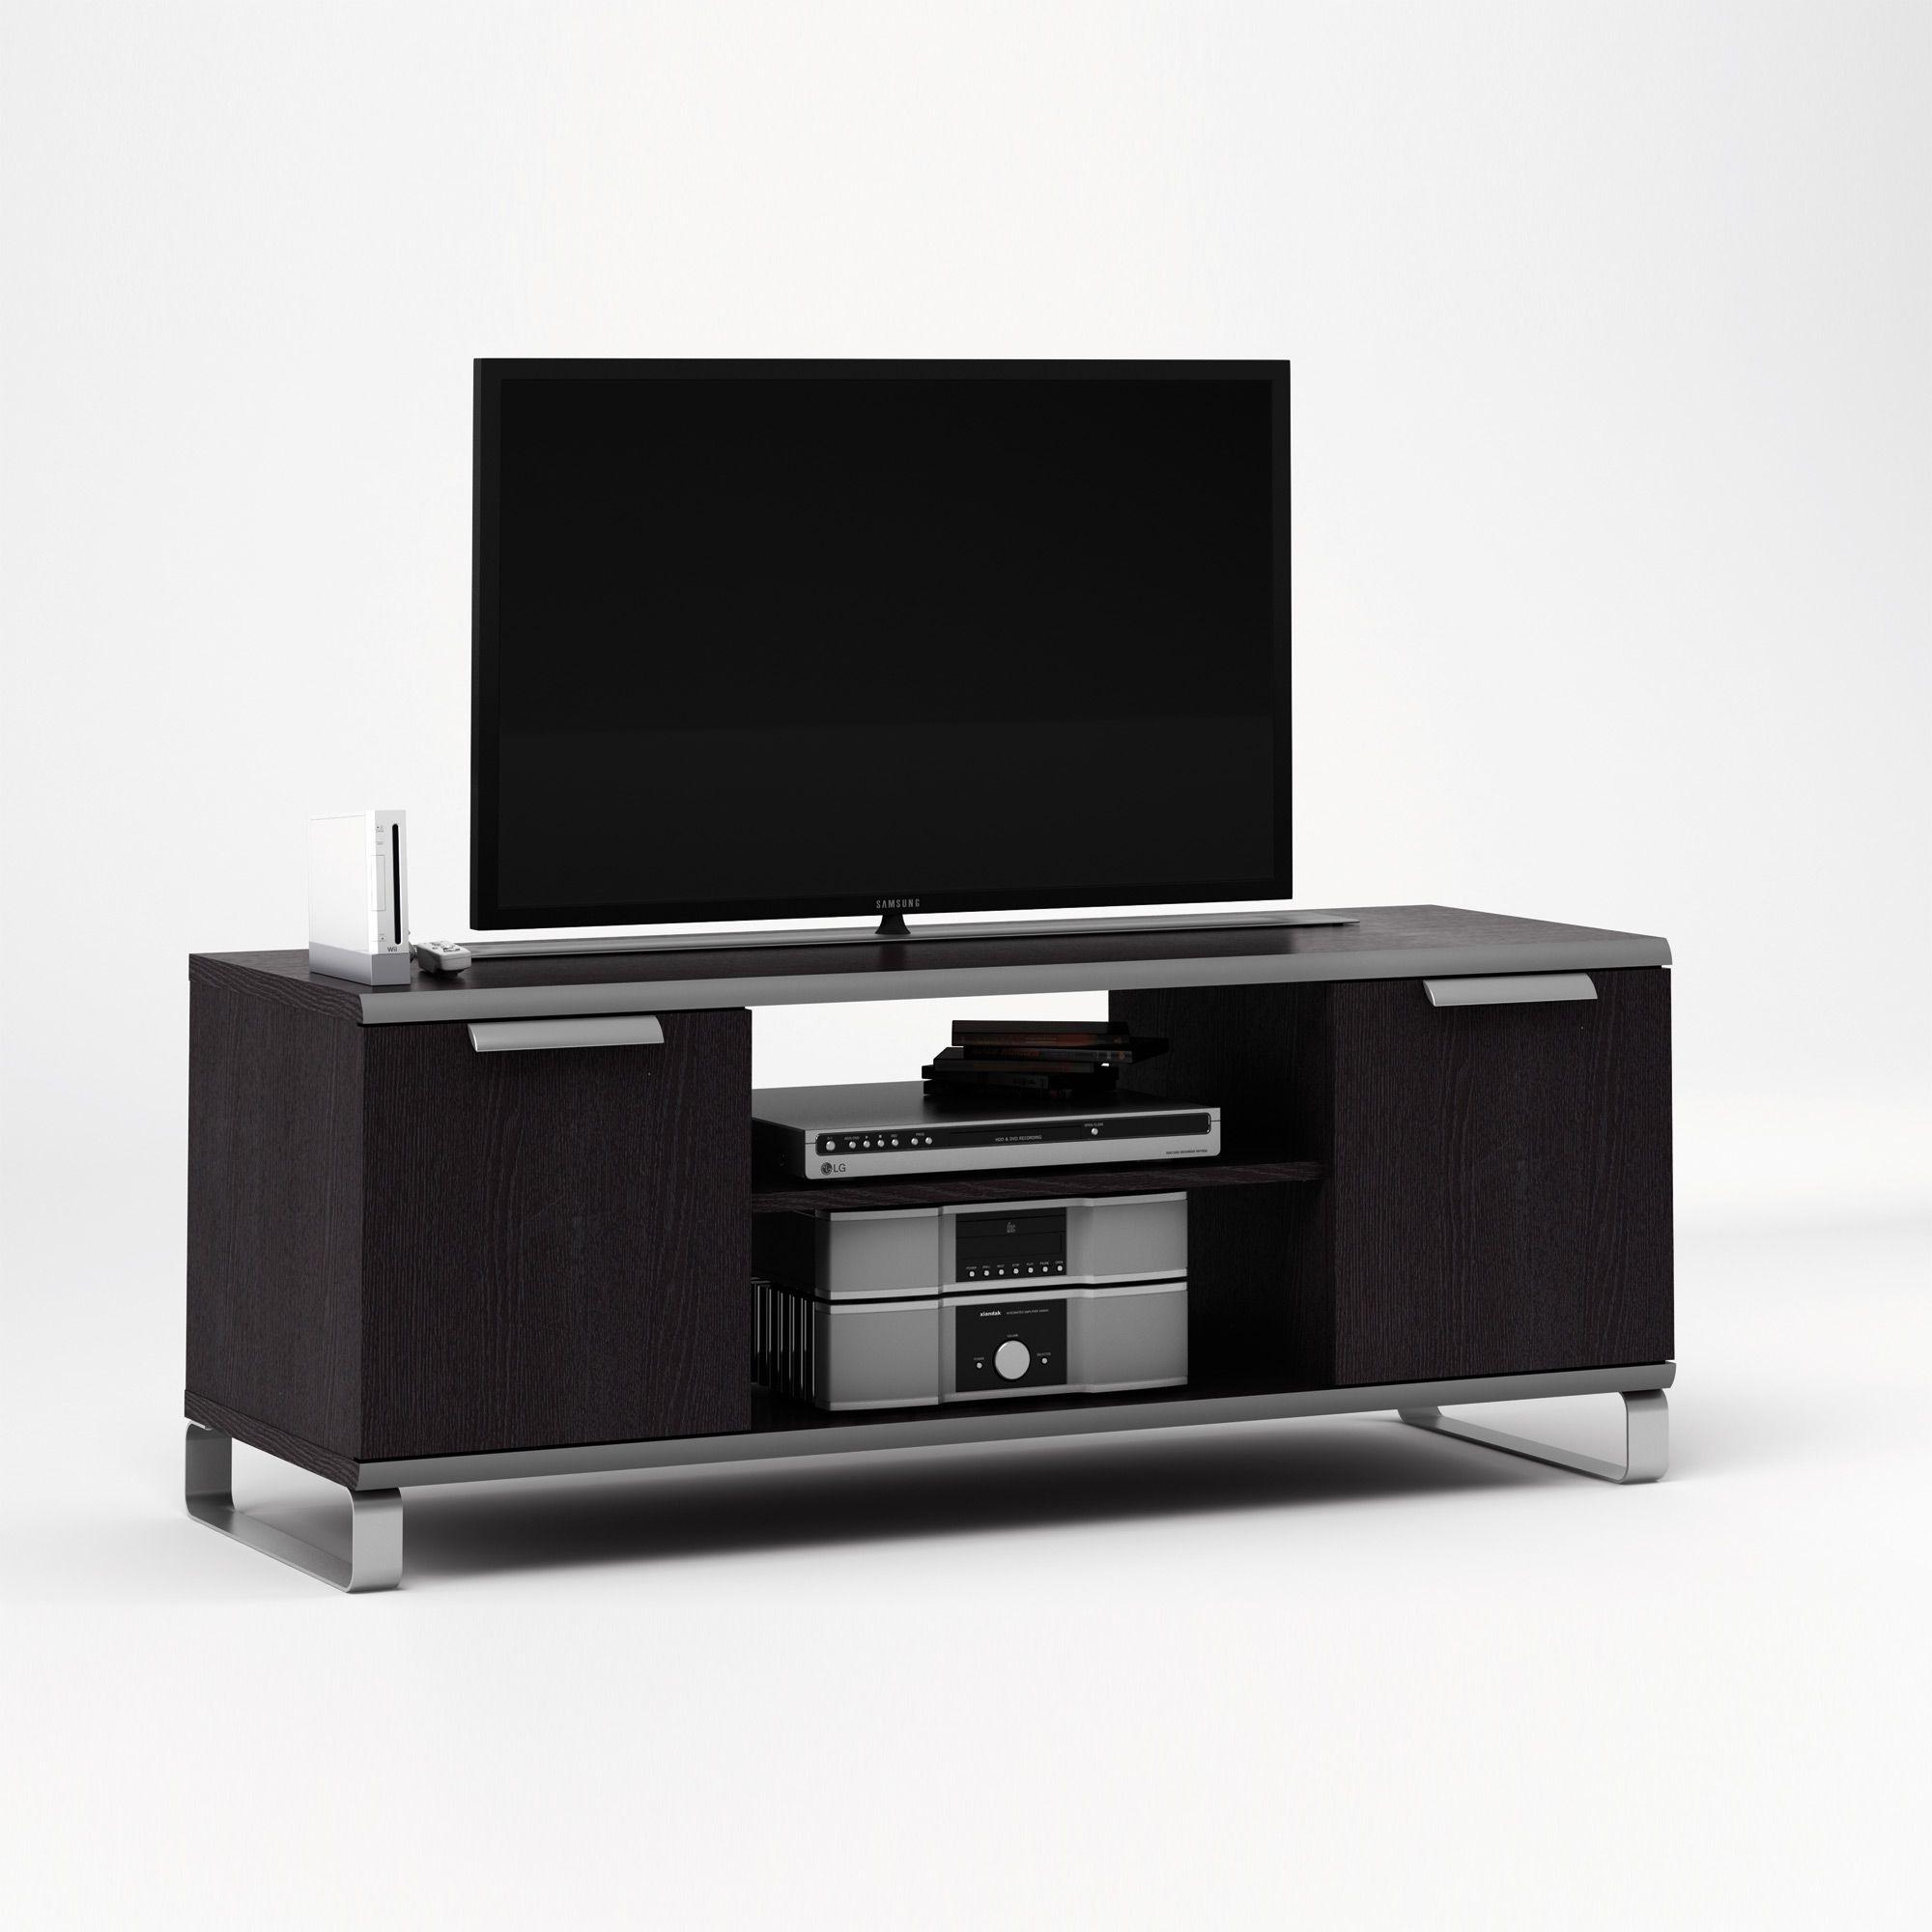 Magnifique Meuble Tv Grande Hauteur D Coration Fran Aise  # Meuble De Tv D Angle Design